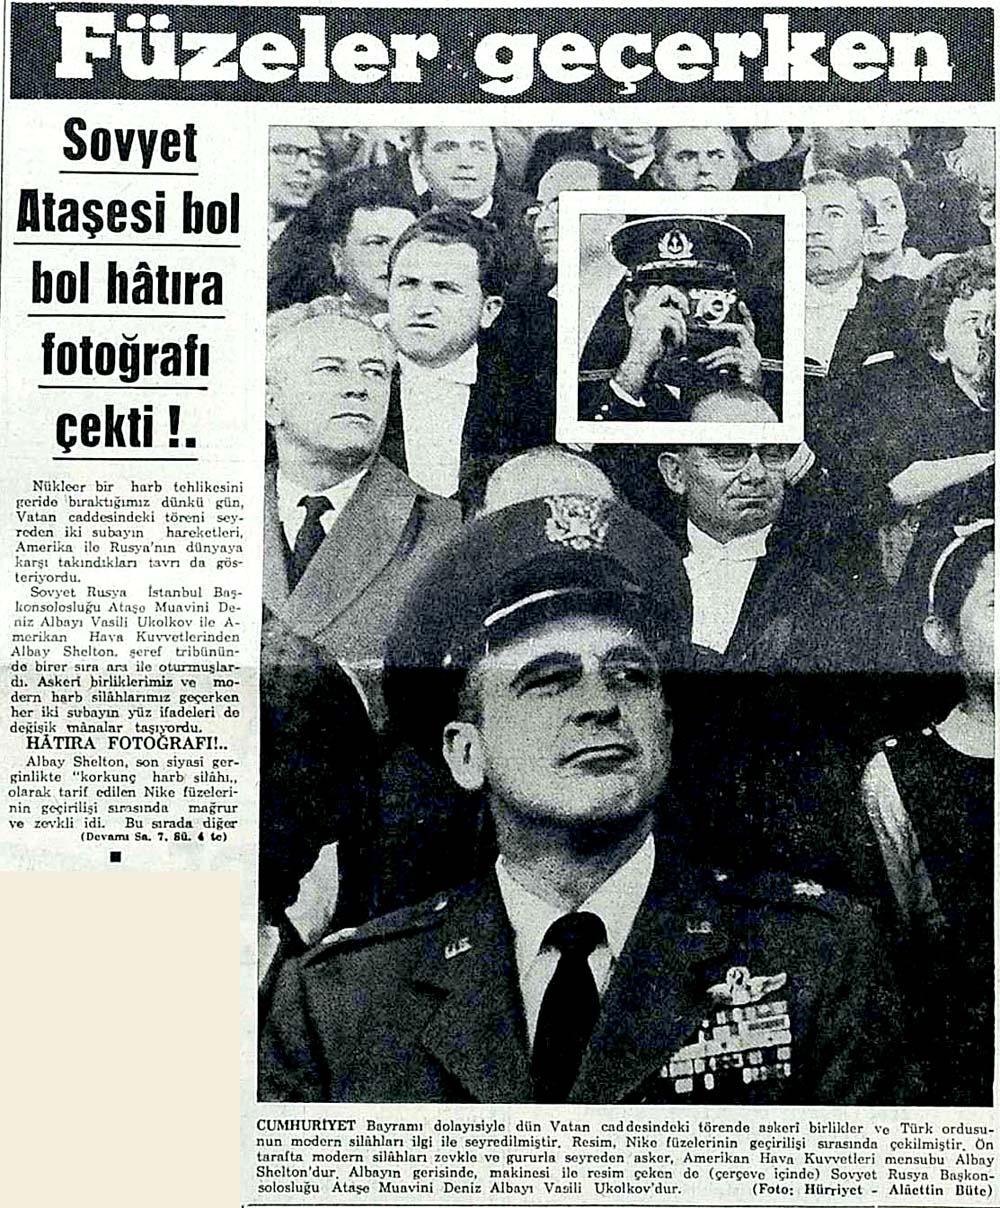 Füzeler geçerken Sovyet Ataşesi bol bol hatıra fotoğrafı çekti!.